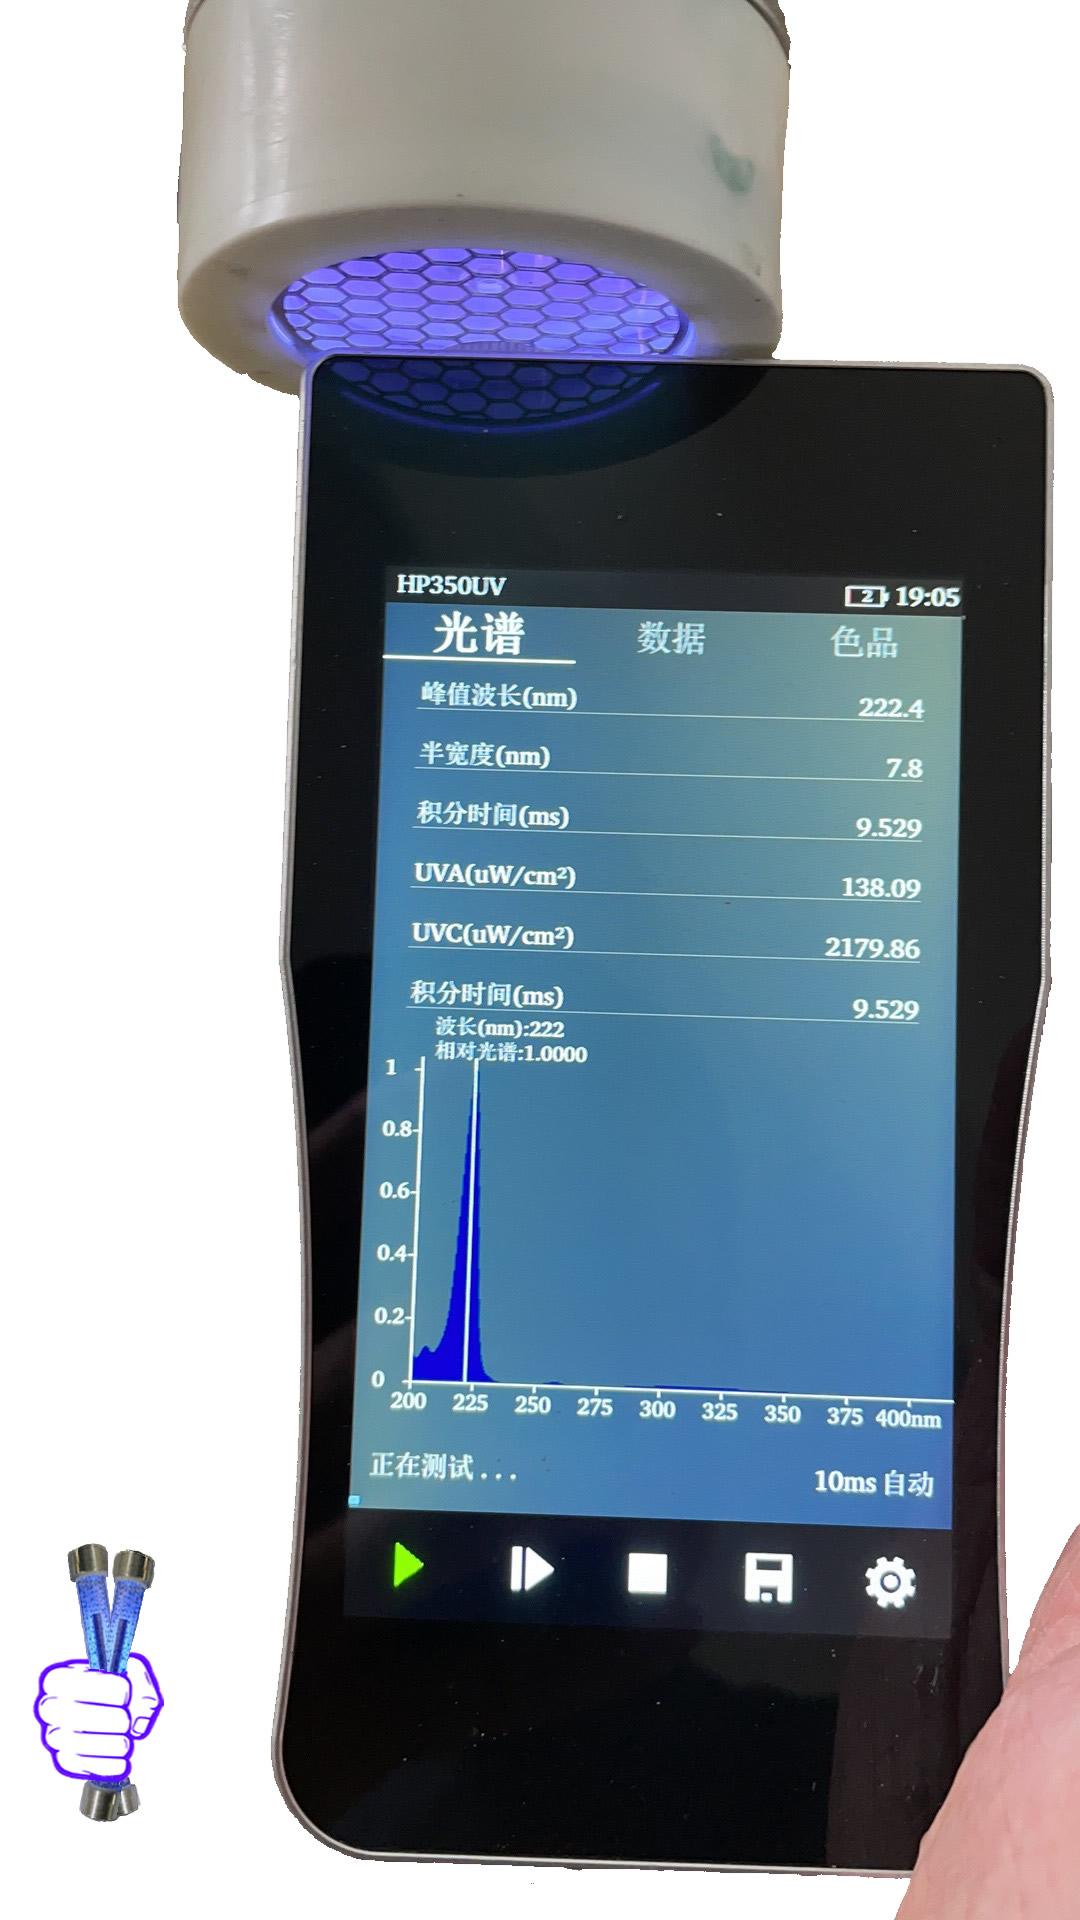 15w-222-nm-far-uvc-flat-lamp-plasma-bulb-krcl-15w-round-far-uv-24v-thin-222nm-UV-lamp15-watt-flat-excimer-lamps-display-meter